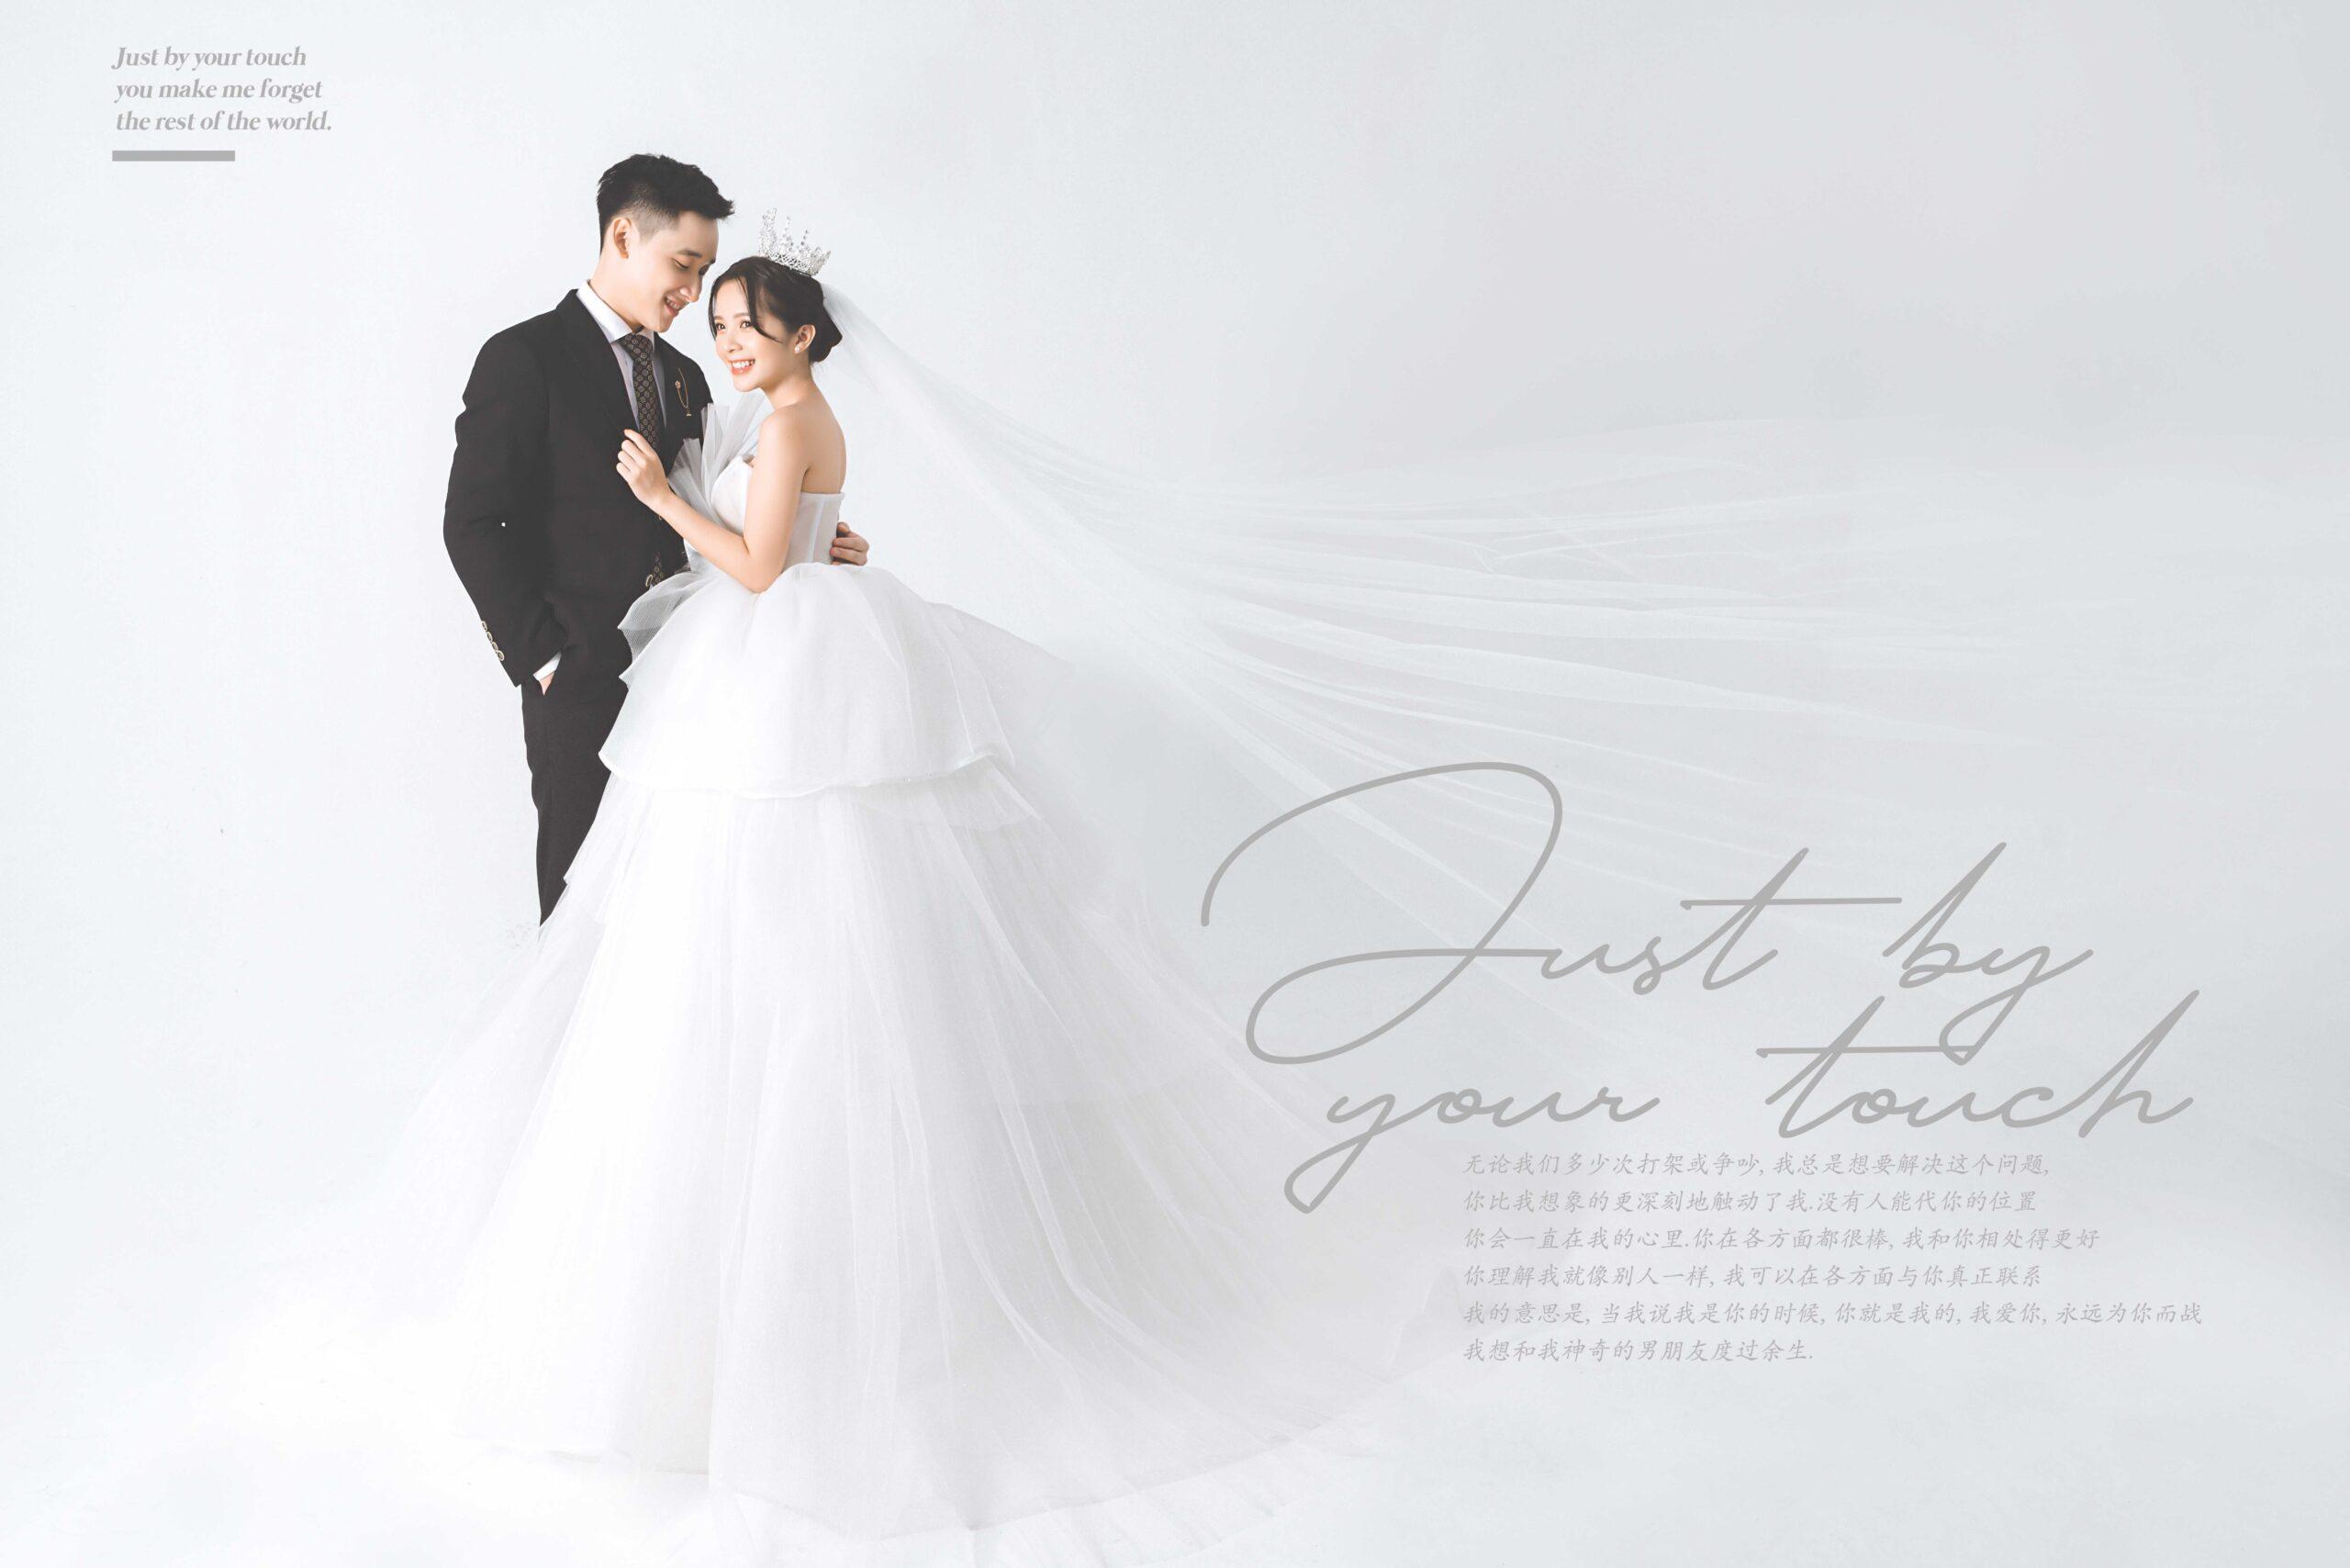 Chụp ảnh cưới Hà Nội giá rẻ